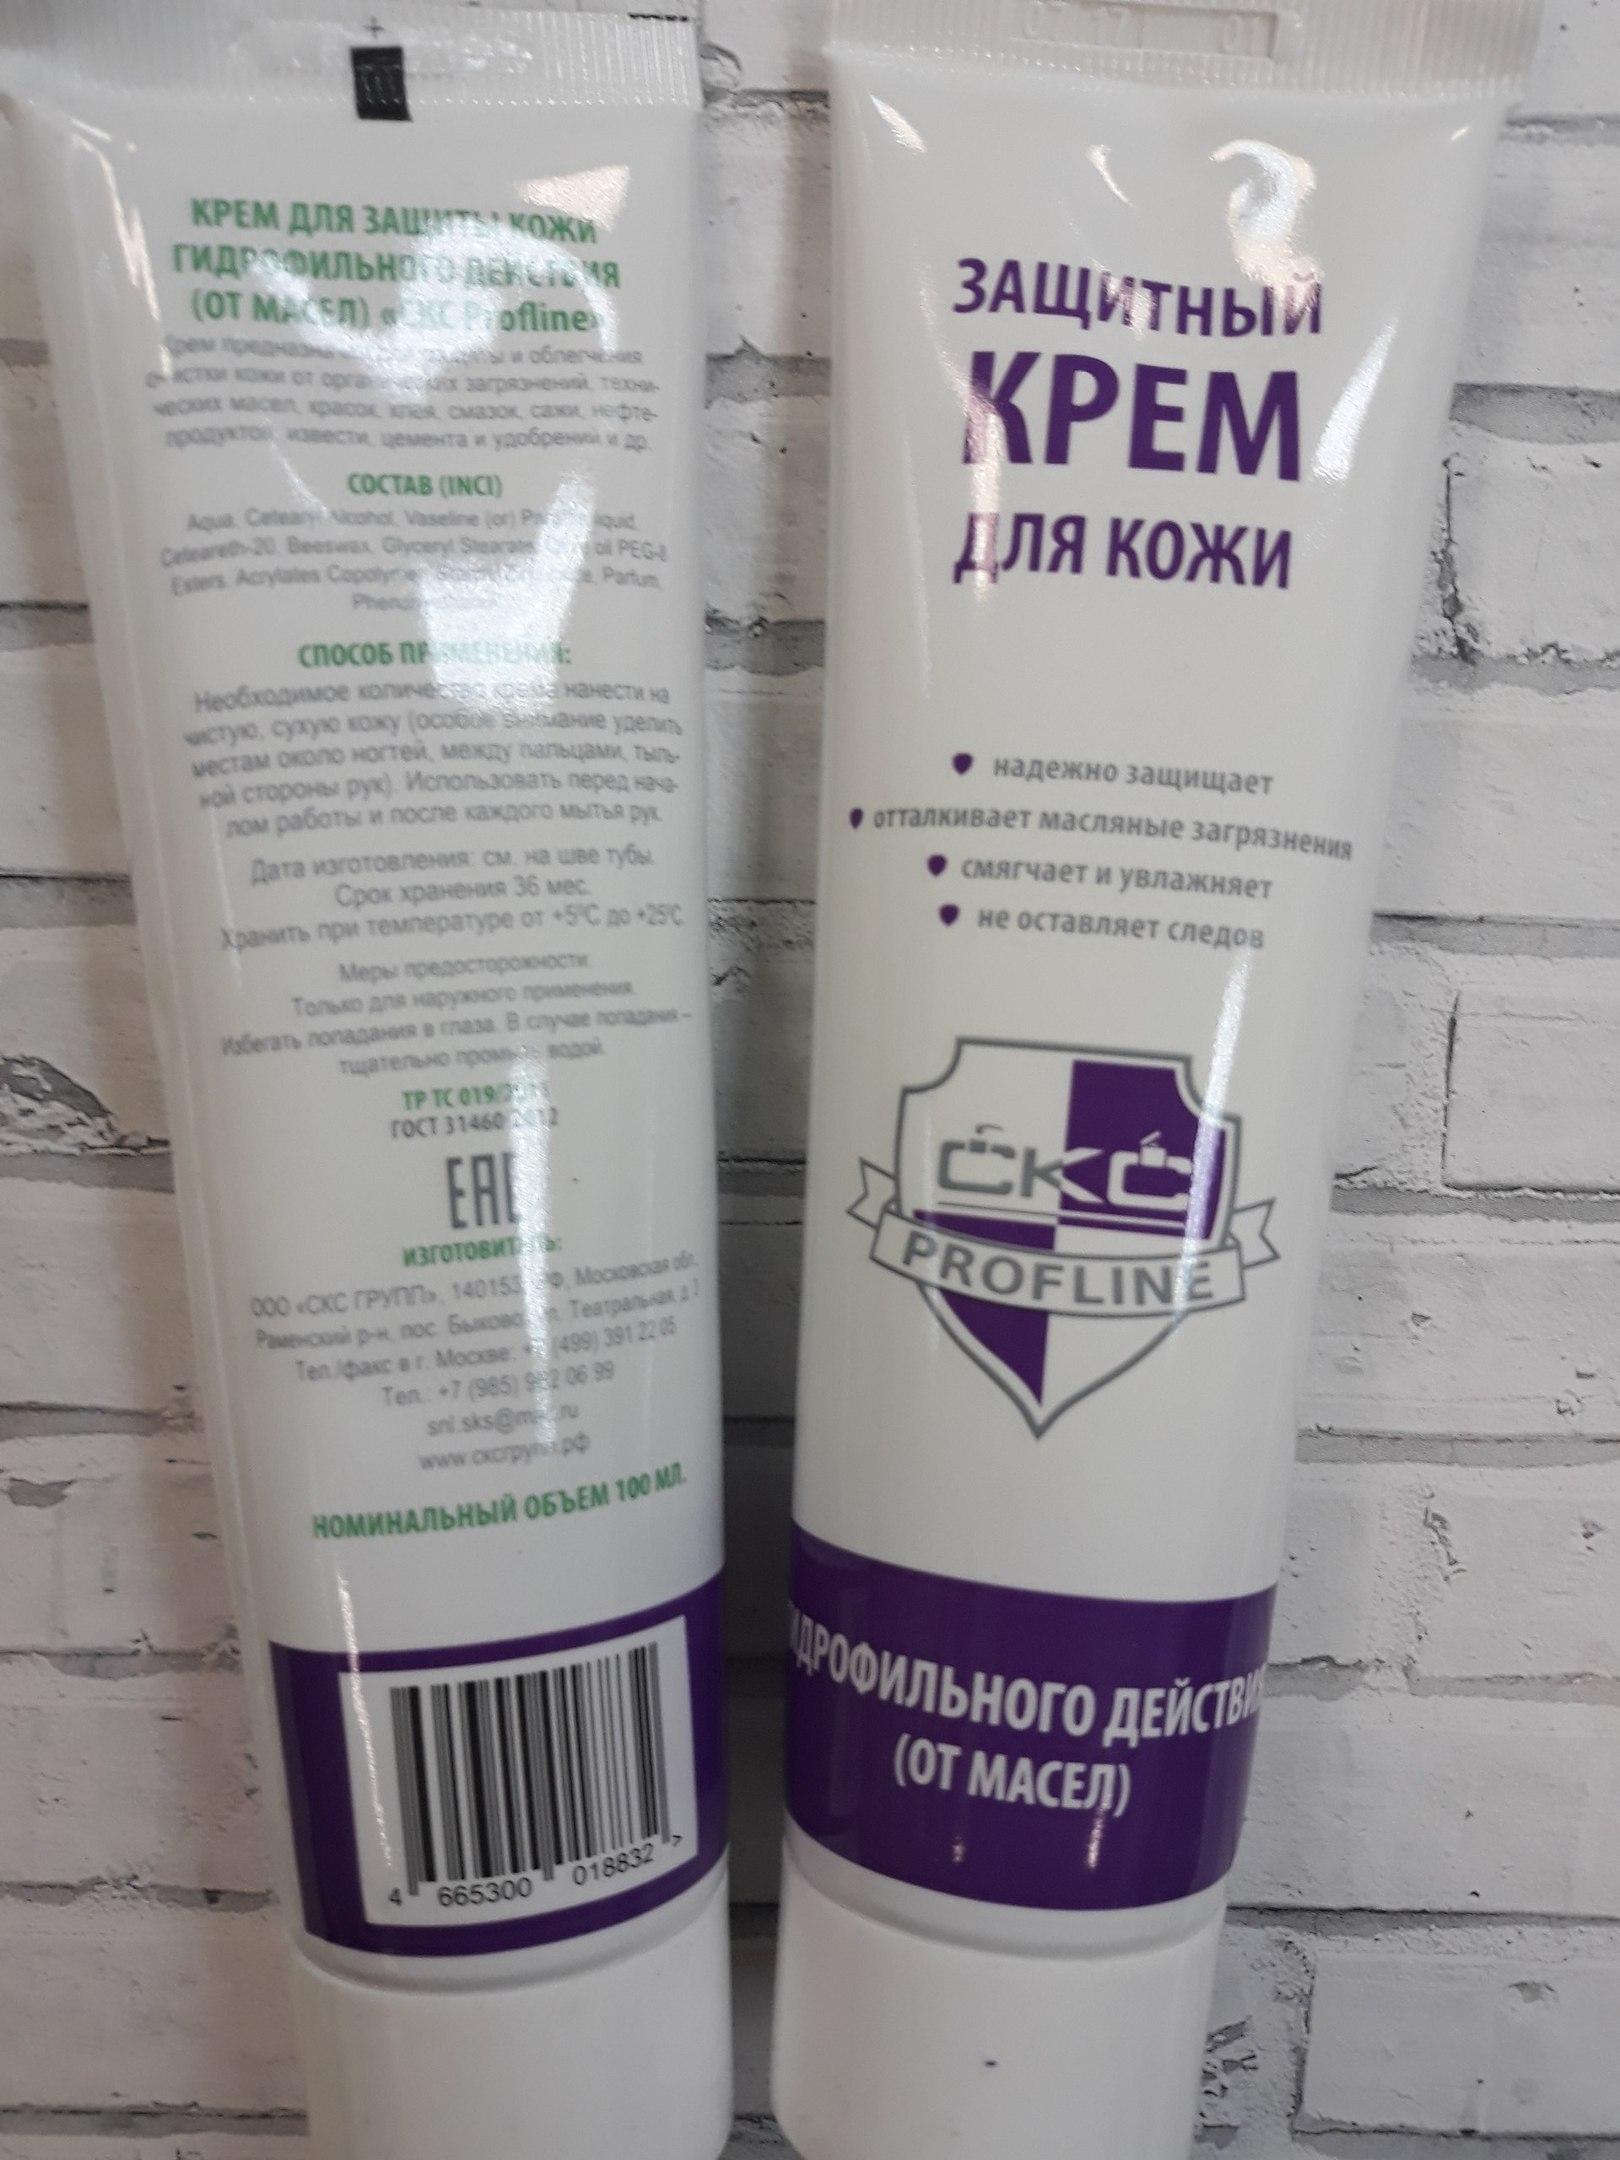 Защитный крем для рук(от масел)